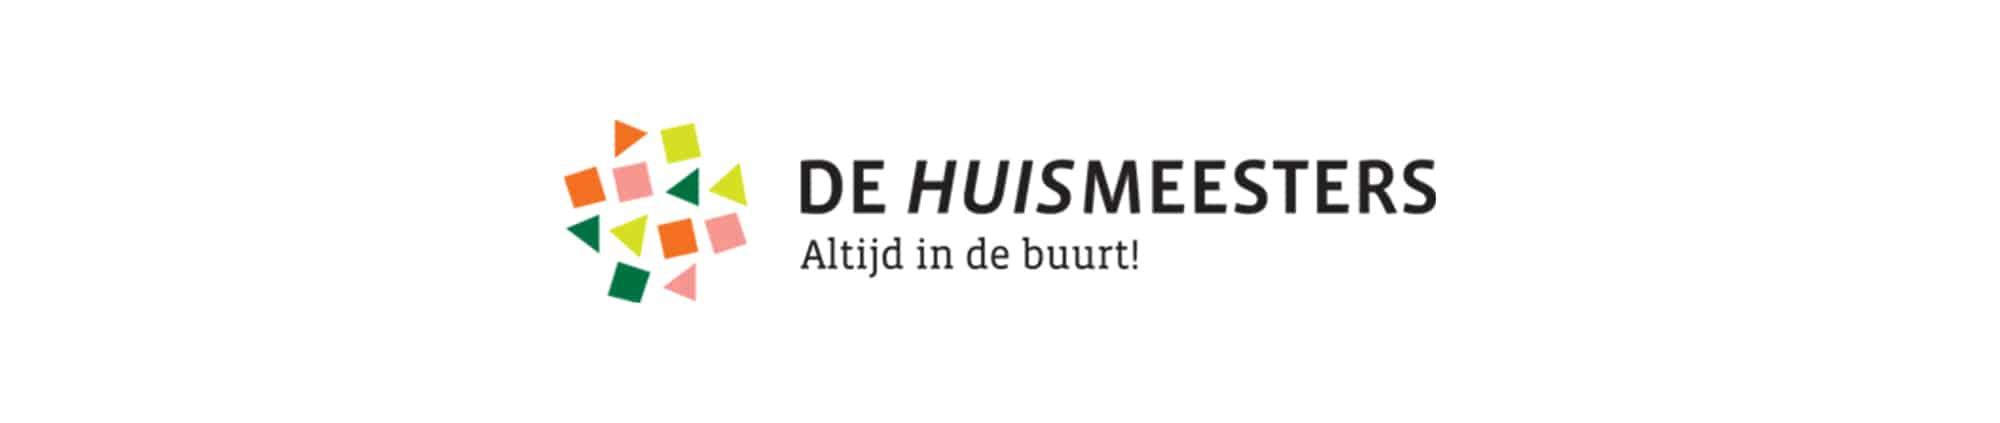 De Huismeesters | Referentie Bij Jan Meubelverhuur